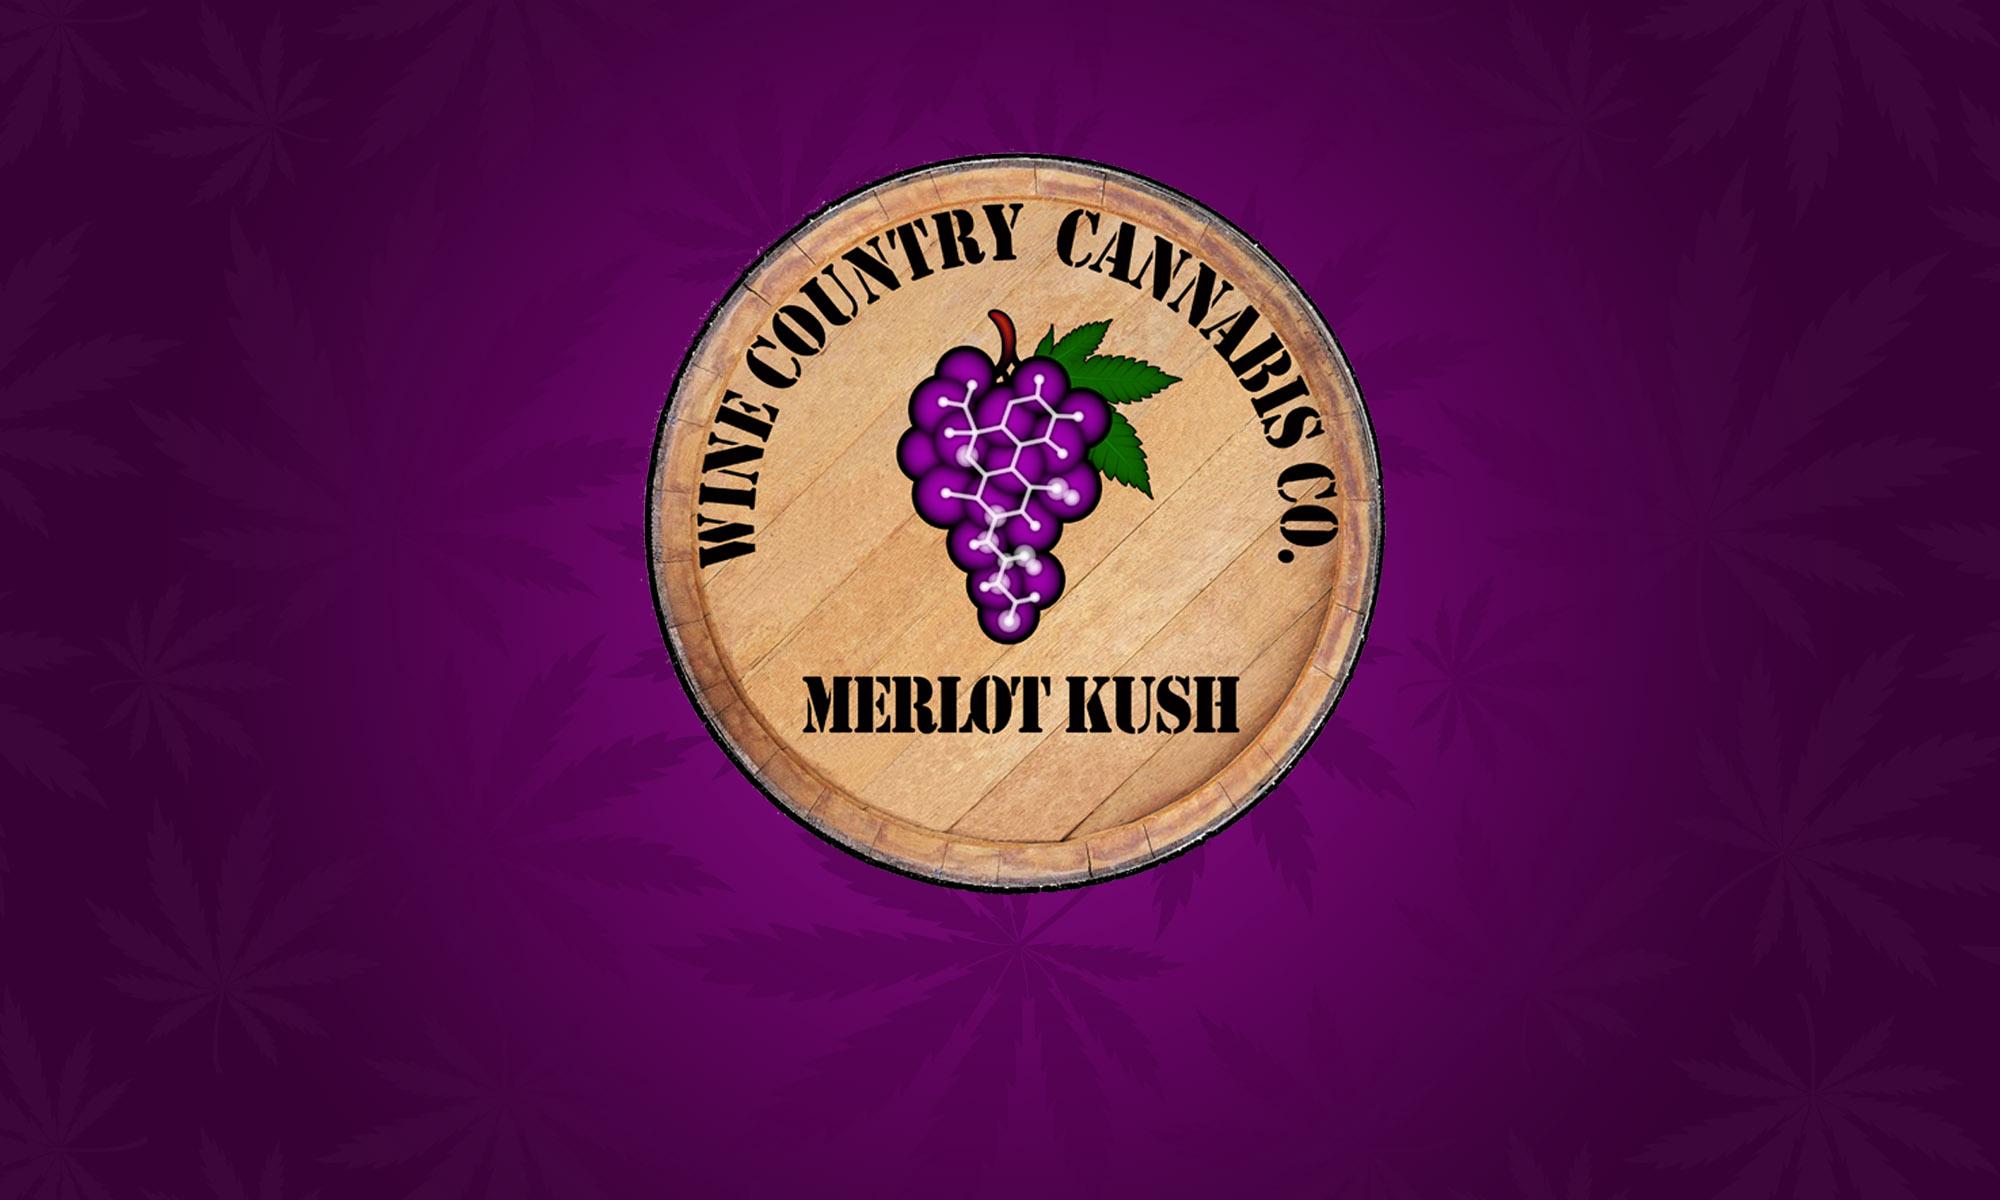 Merlot Kush